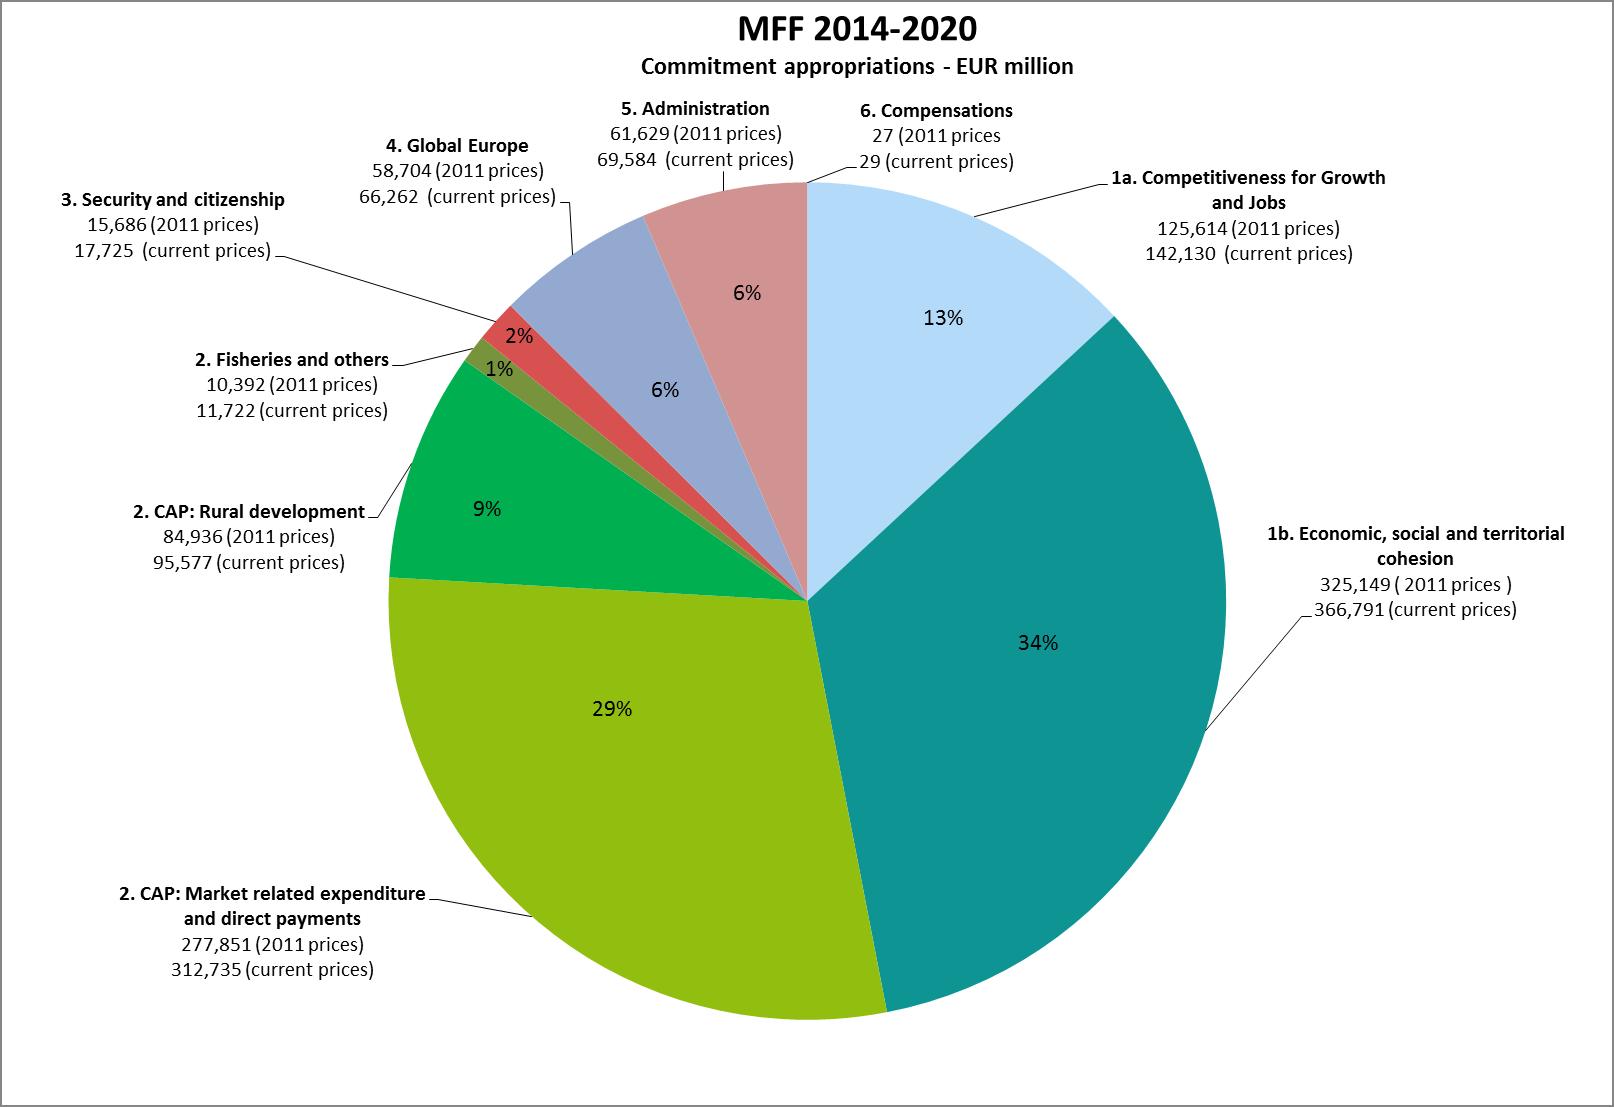 MFF 2014-2020